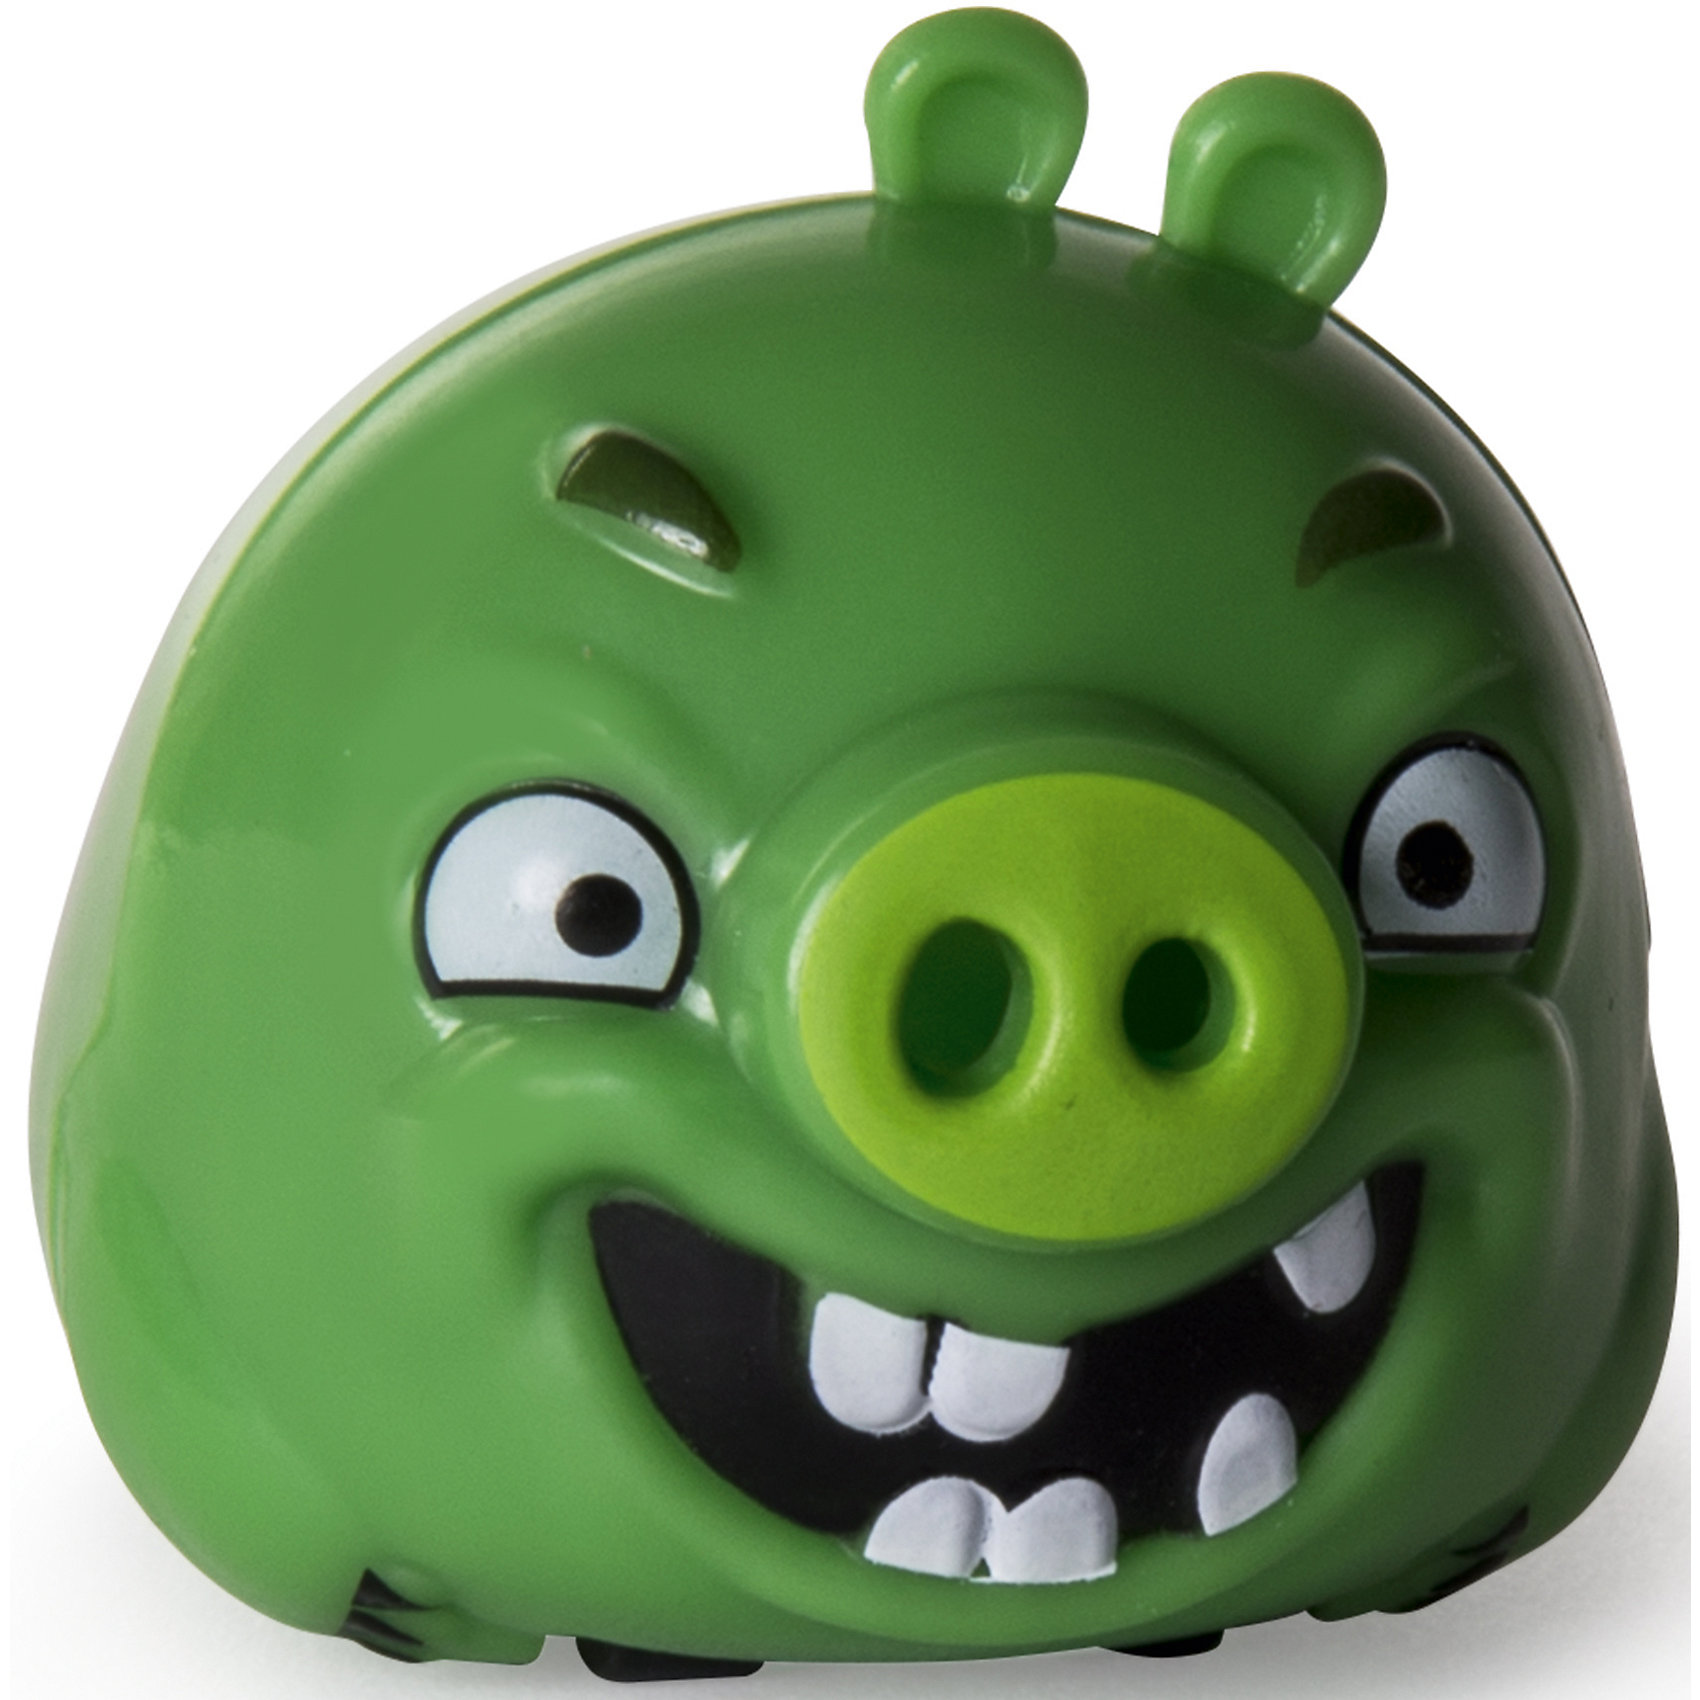 Птичка на колесиках Свинья, Angry BirdsЛюбимые герои<br>Характеристики товара:<br><br>• возраст от 3 лет;<br>• материал: пластик;<br>• размер машинки 6 см;<br>• размер упаковки 15х16х4 см;<br>• вес упаковки 320 гр.;<br>• страна производитель: Китай.<br><br>Птичка на колесиках «Свинья» Angry Birds — персонаж известной компьютерной игры Angry Birds, в которой злые птички сражаются со смешными зелеными поросятами. Игрушка выполнена в виде зеленой свинки на колесиках, благодаря которым она может ездить по поверхности. Дети могут собрать целую коллекцию популярных персонажей. Игрушка изготовлена из качественного пластика.<br><br>Птичку на колесиках «Свинья» Angry Birds можно приобрести в нашем интернет-магазине.<br><br>Ширина мм: 162<br>Глубина мм: 149<br>Высота мм: 40<br>Вес г: 23<br>Возраст от месяцев: 48<br>Возраст до месяцев: 96<br>Пол: Мужской<br>Возраст: Детский<br>SKU: 6741909